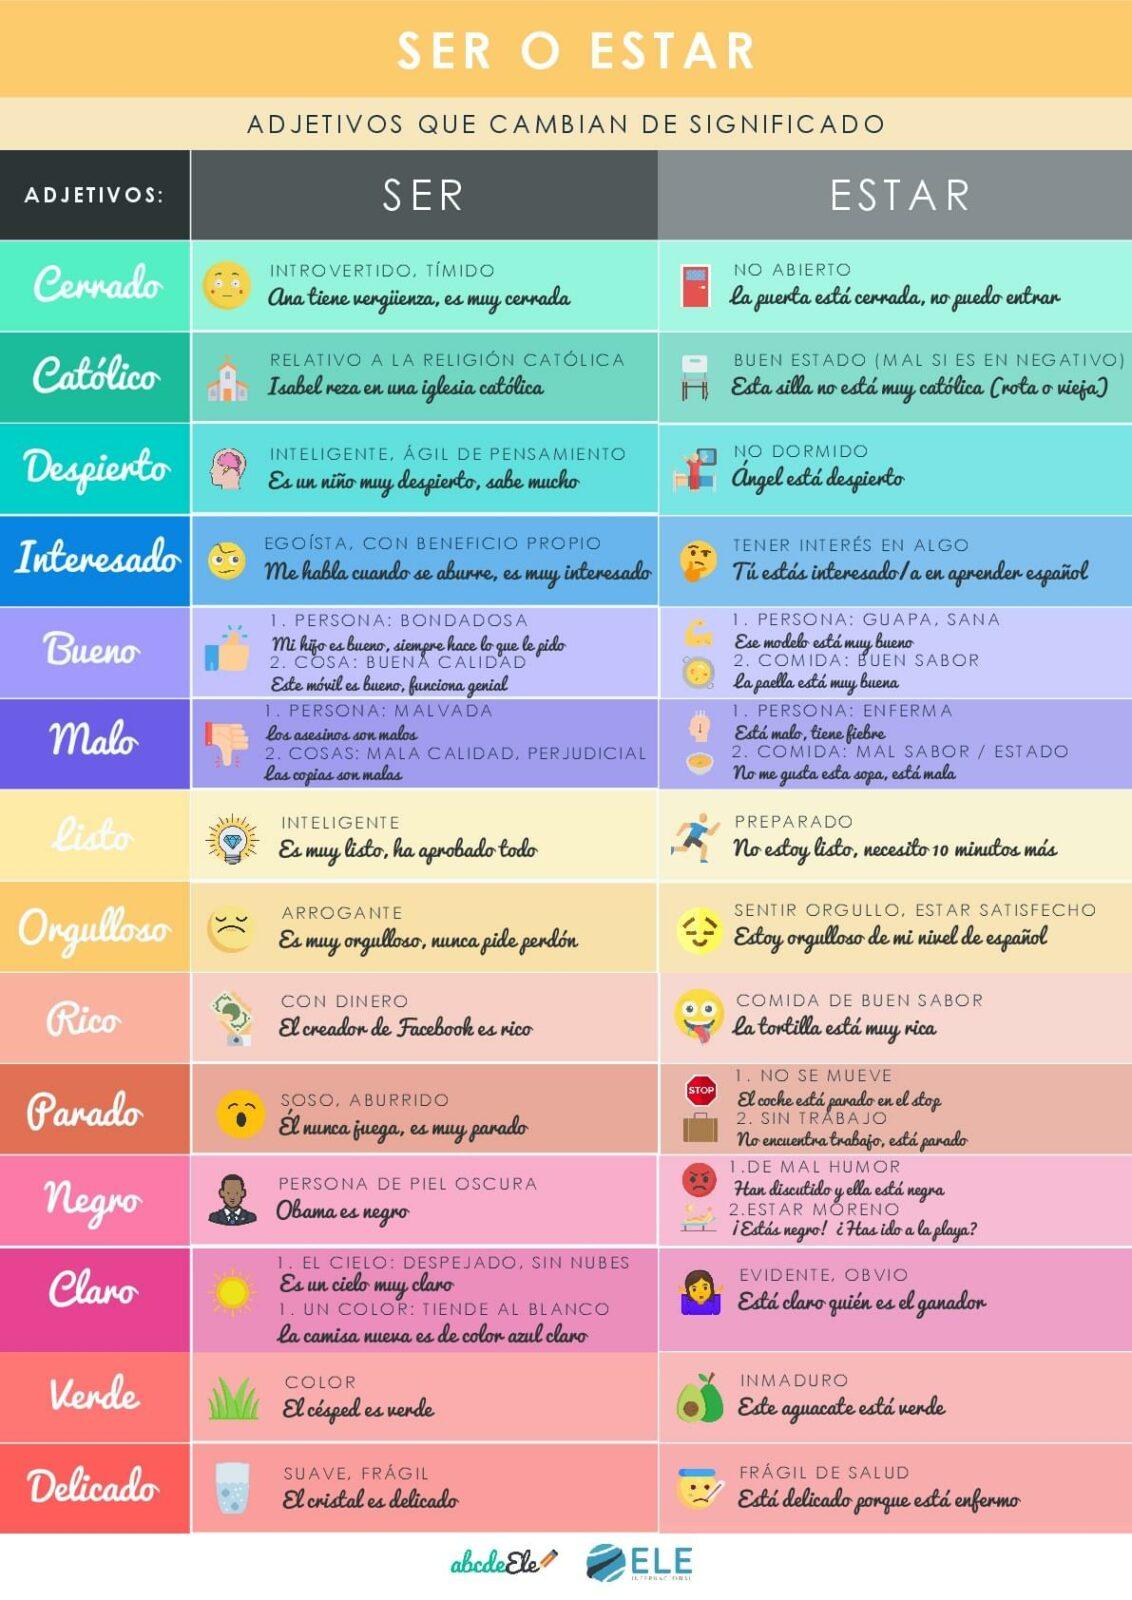 Adjetivos Que Cambian De Significado Con Ser Y Estar Material Completo Eleinternacional